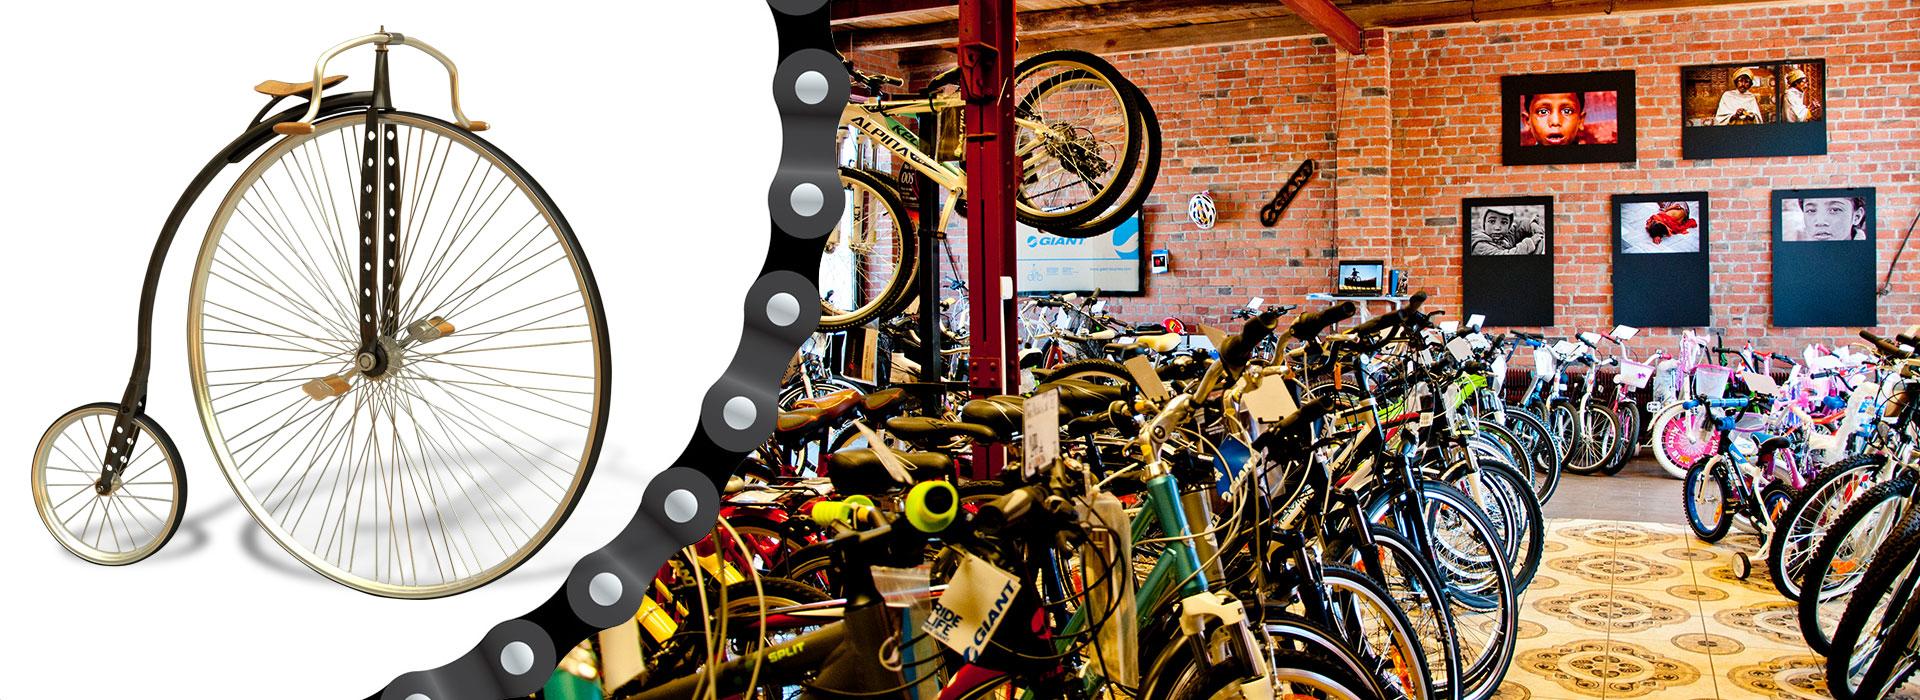 Sprzedaż i naprawa rowerów w Lubsku